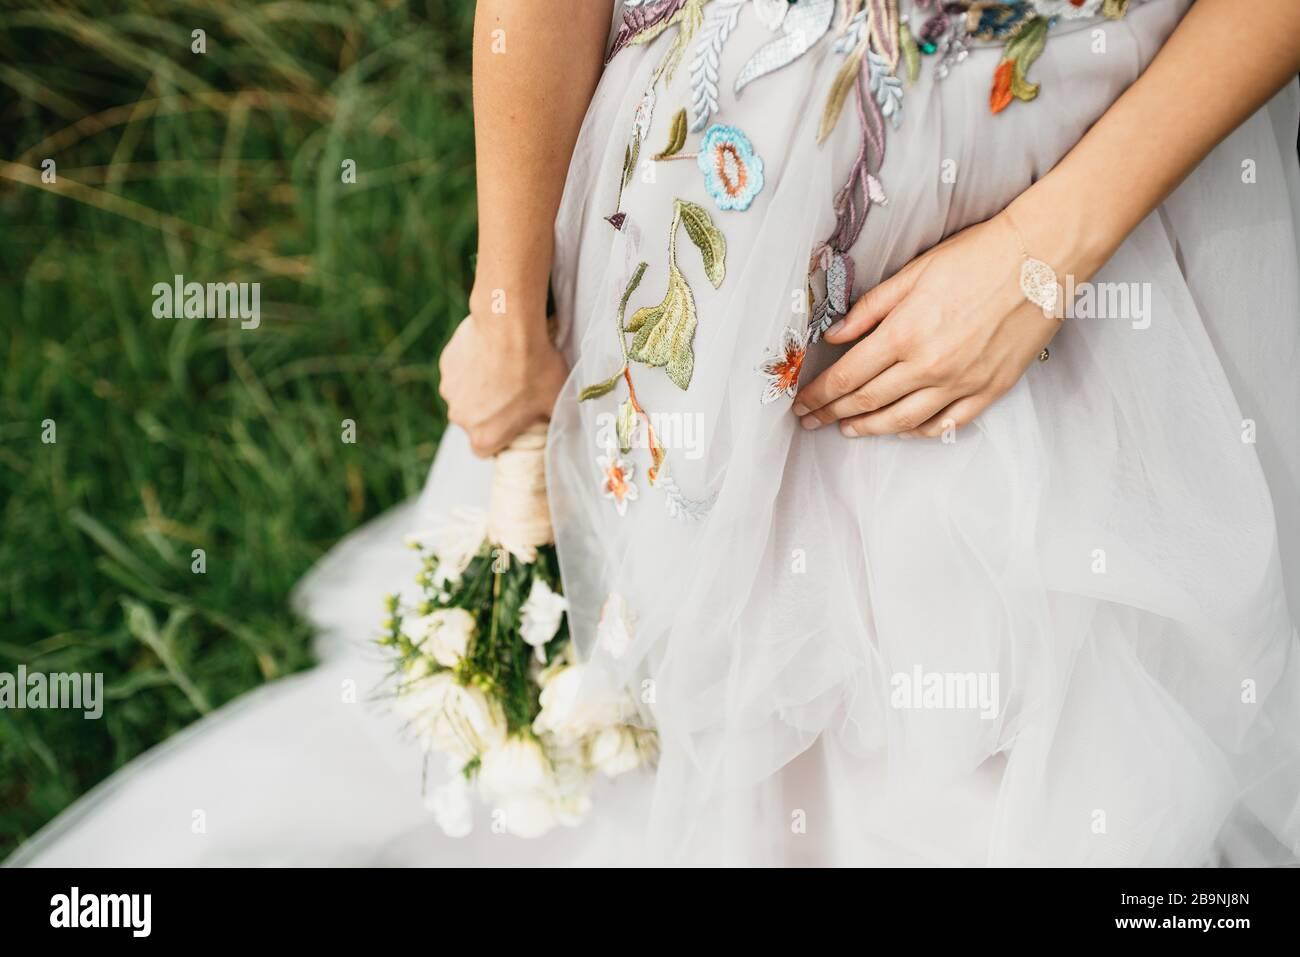 Die Frau in einem schönen Hochzeitskleid mit einem Blumenstrauß in der Hand Stockfoto